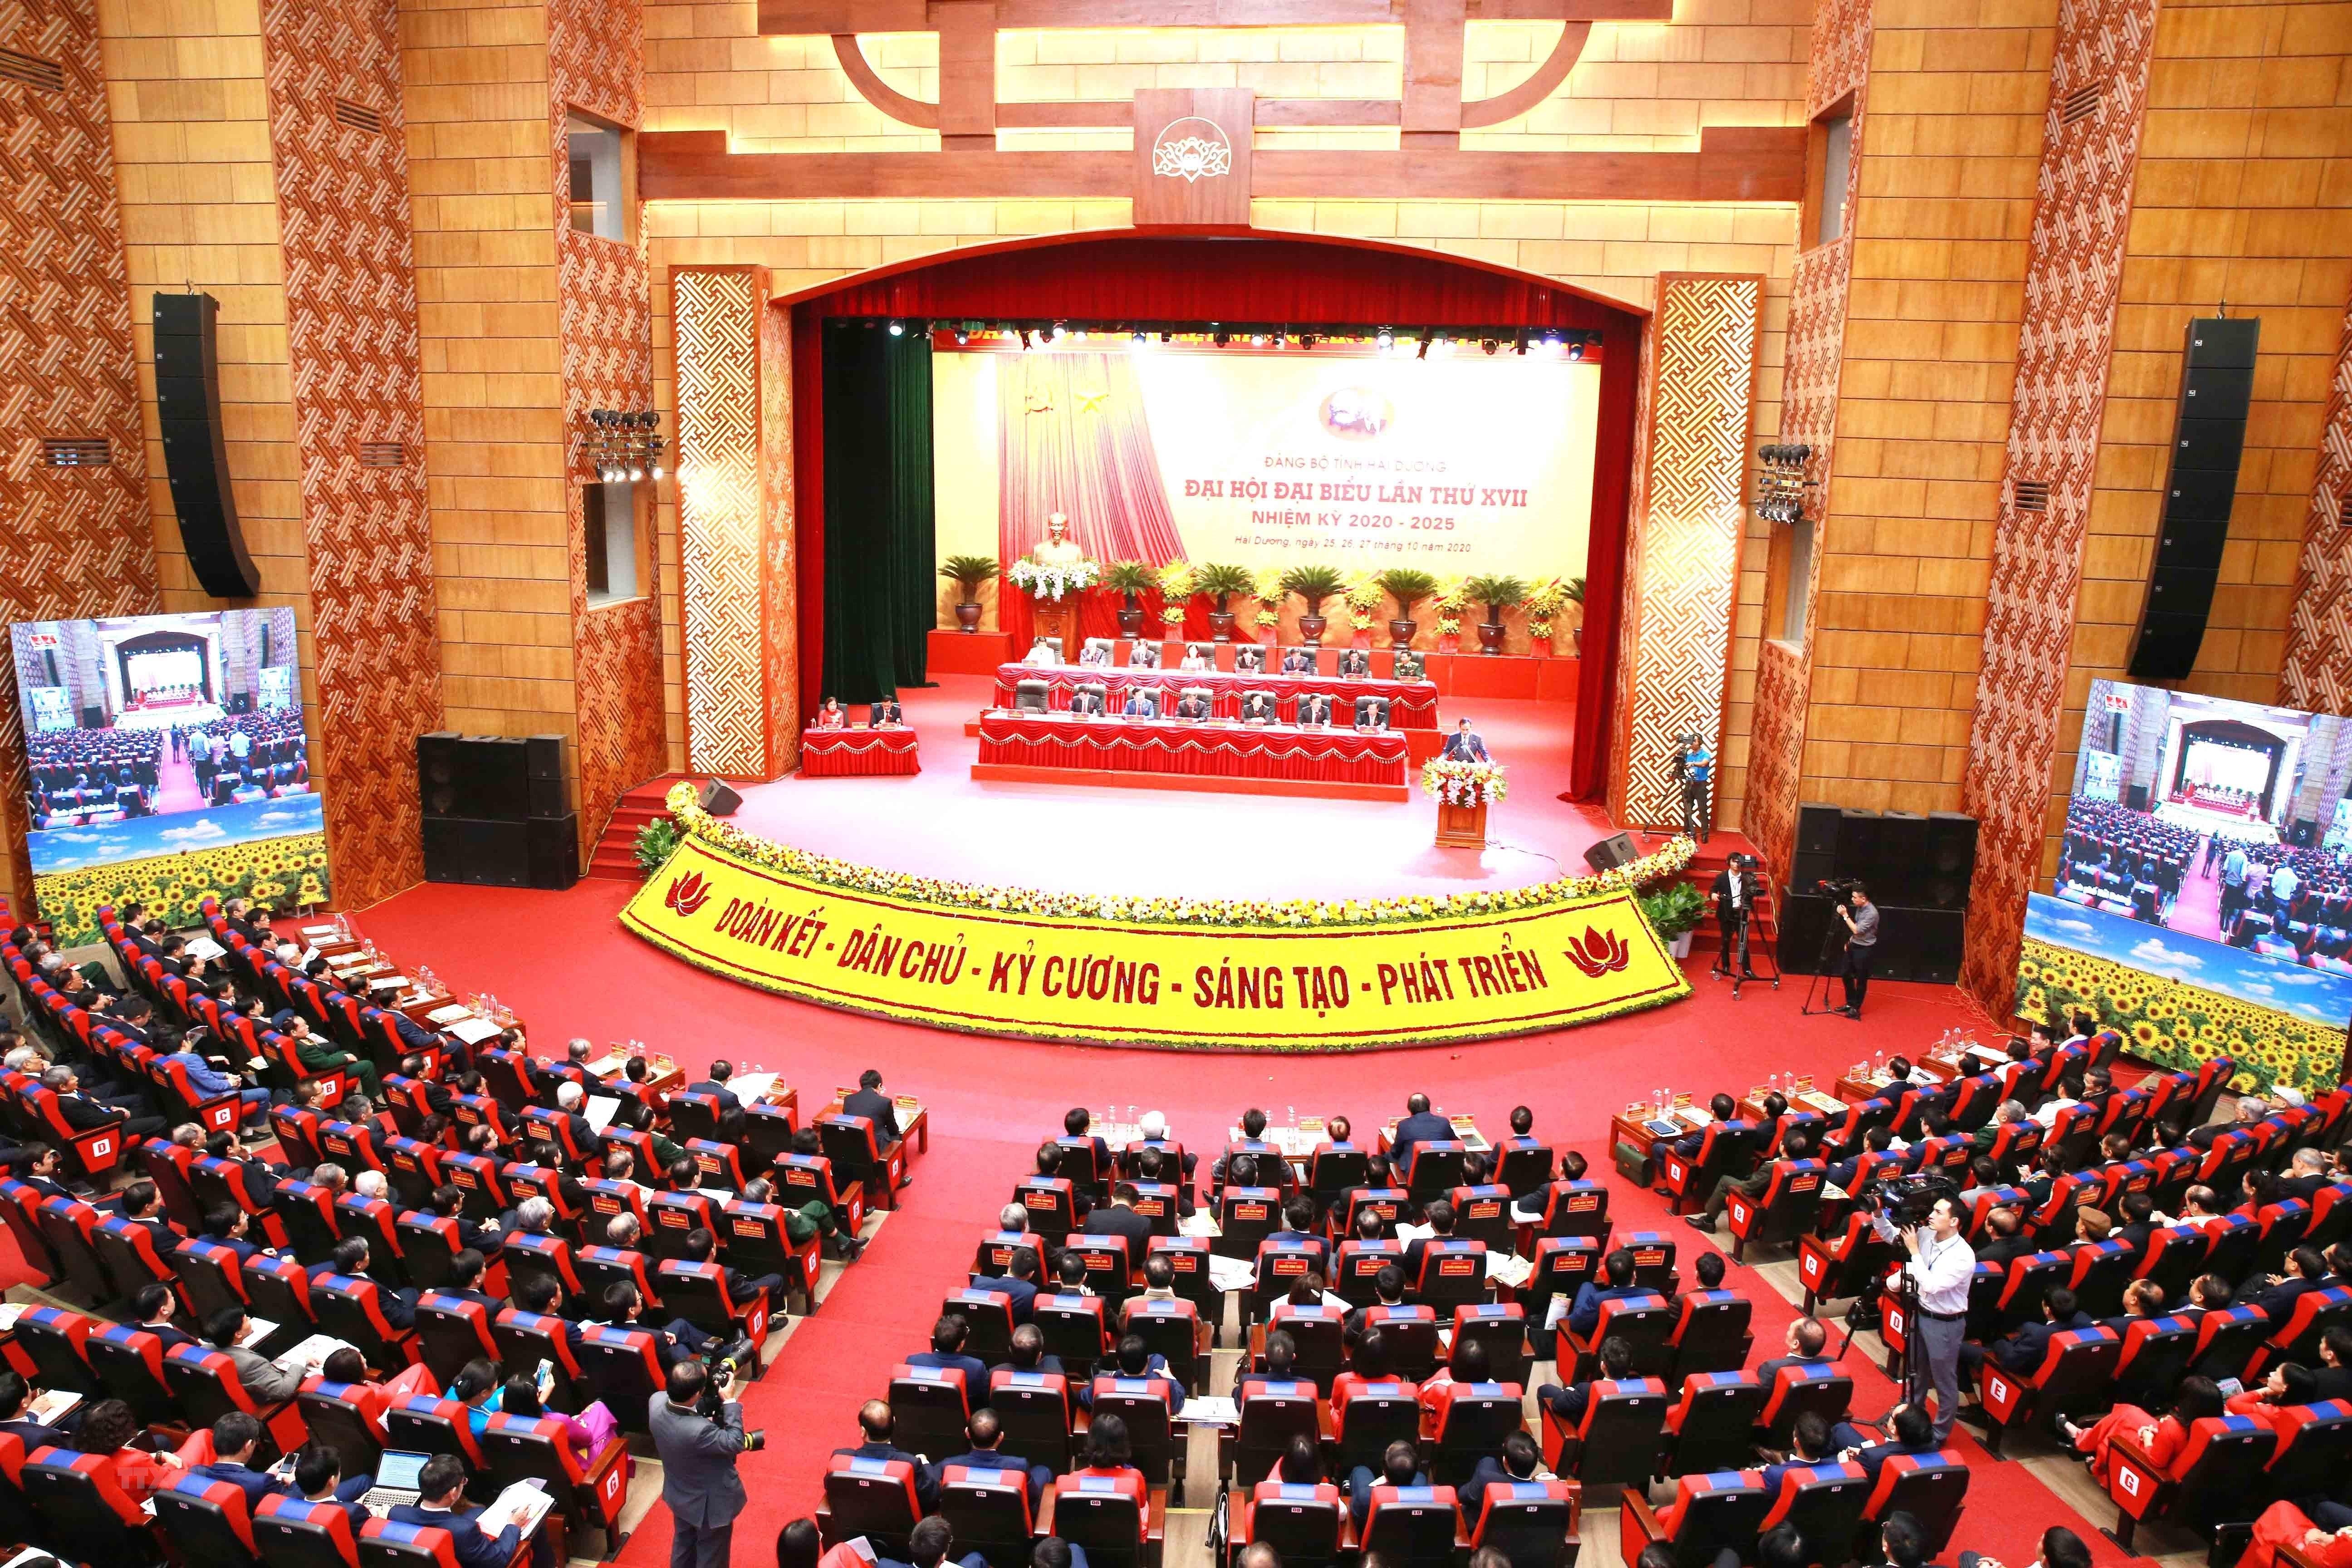 [Photo] Dai hoi dai bieu Dang bo tinh Hai Duong lan thu XVII hinh anh 14